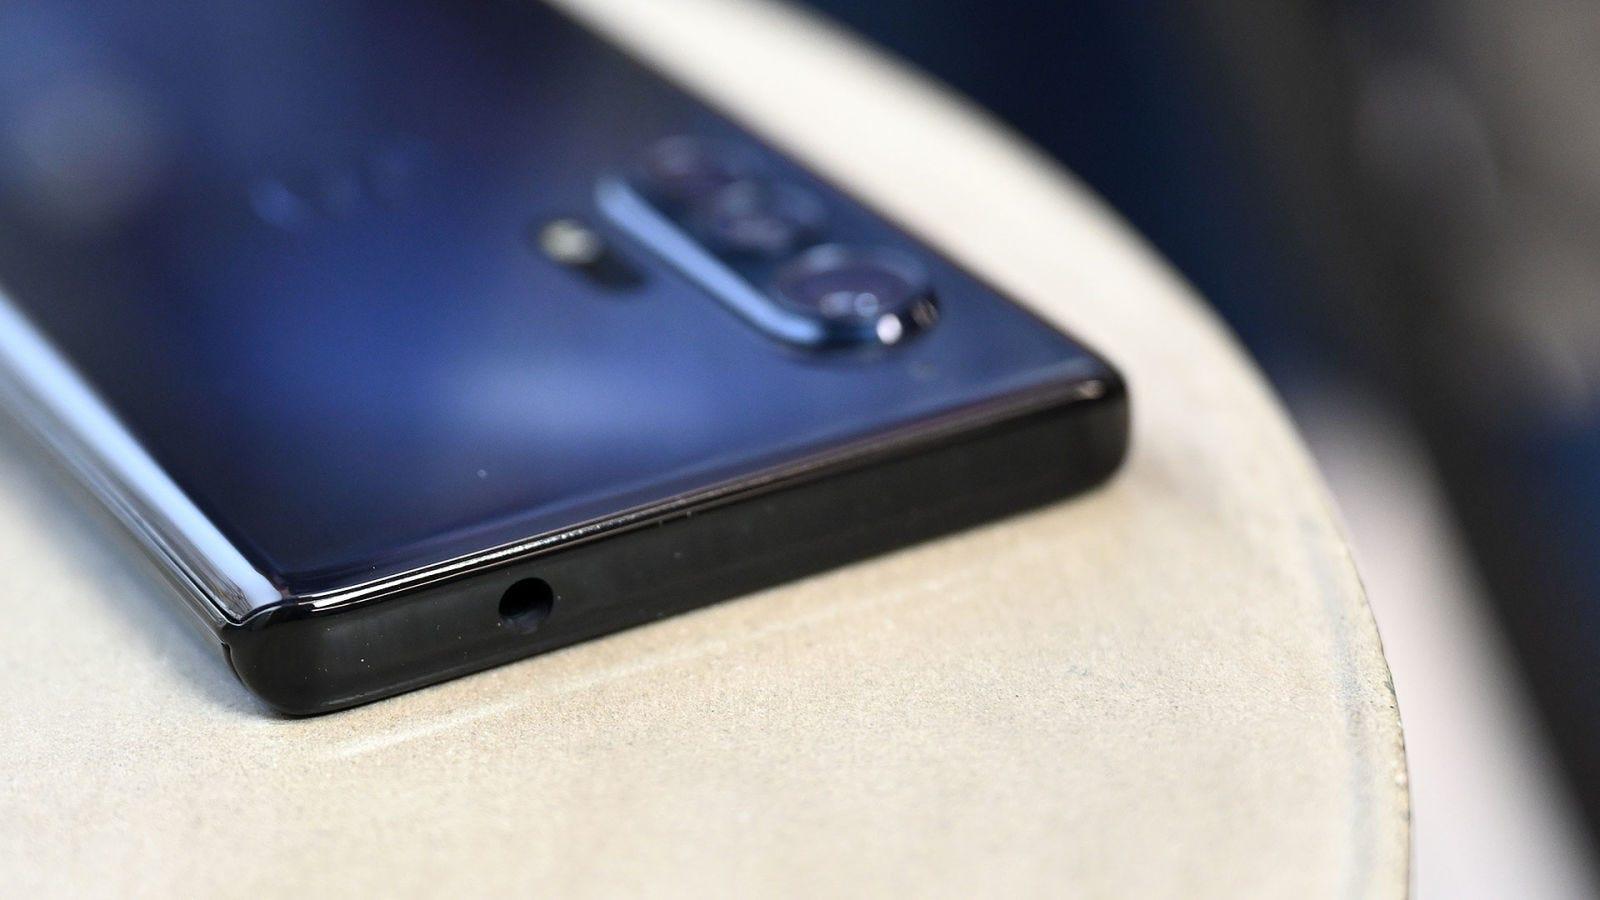 Mientras que otros fabricantes de smartphones descartan el puerto de auriculares, Motorola mantiene vivo el puerto de 3,5 mm en Edge y Edge +. Puedes encontrar más fotos dei teléfono a continuación.